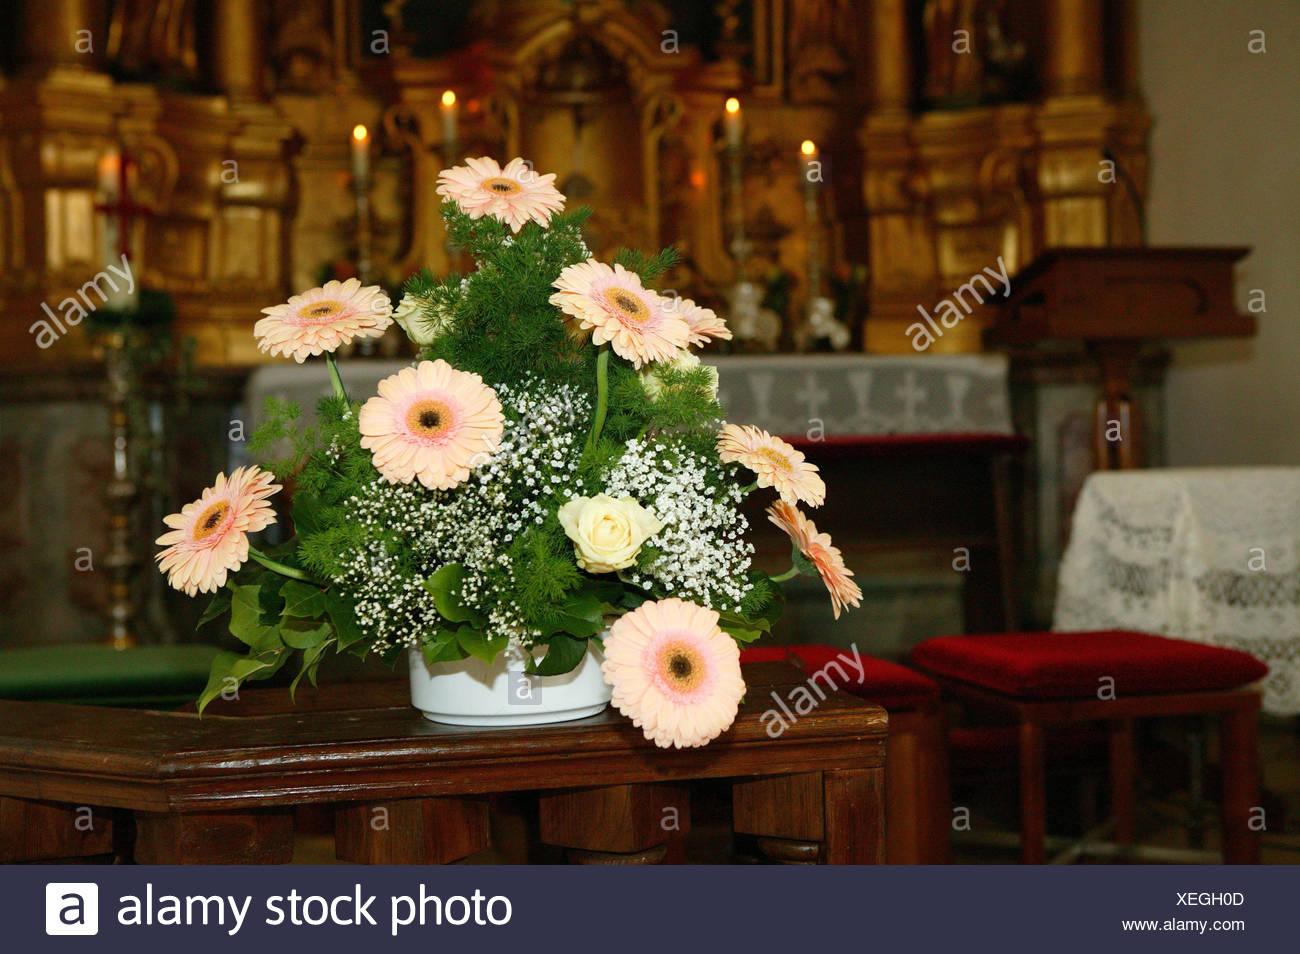 Hochzeit Kirche Blumen Arrangement Stockfoto Bild 284335645 Alamy